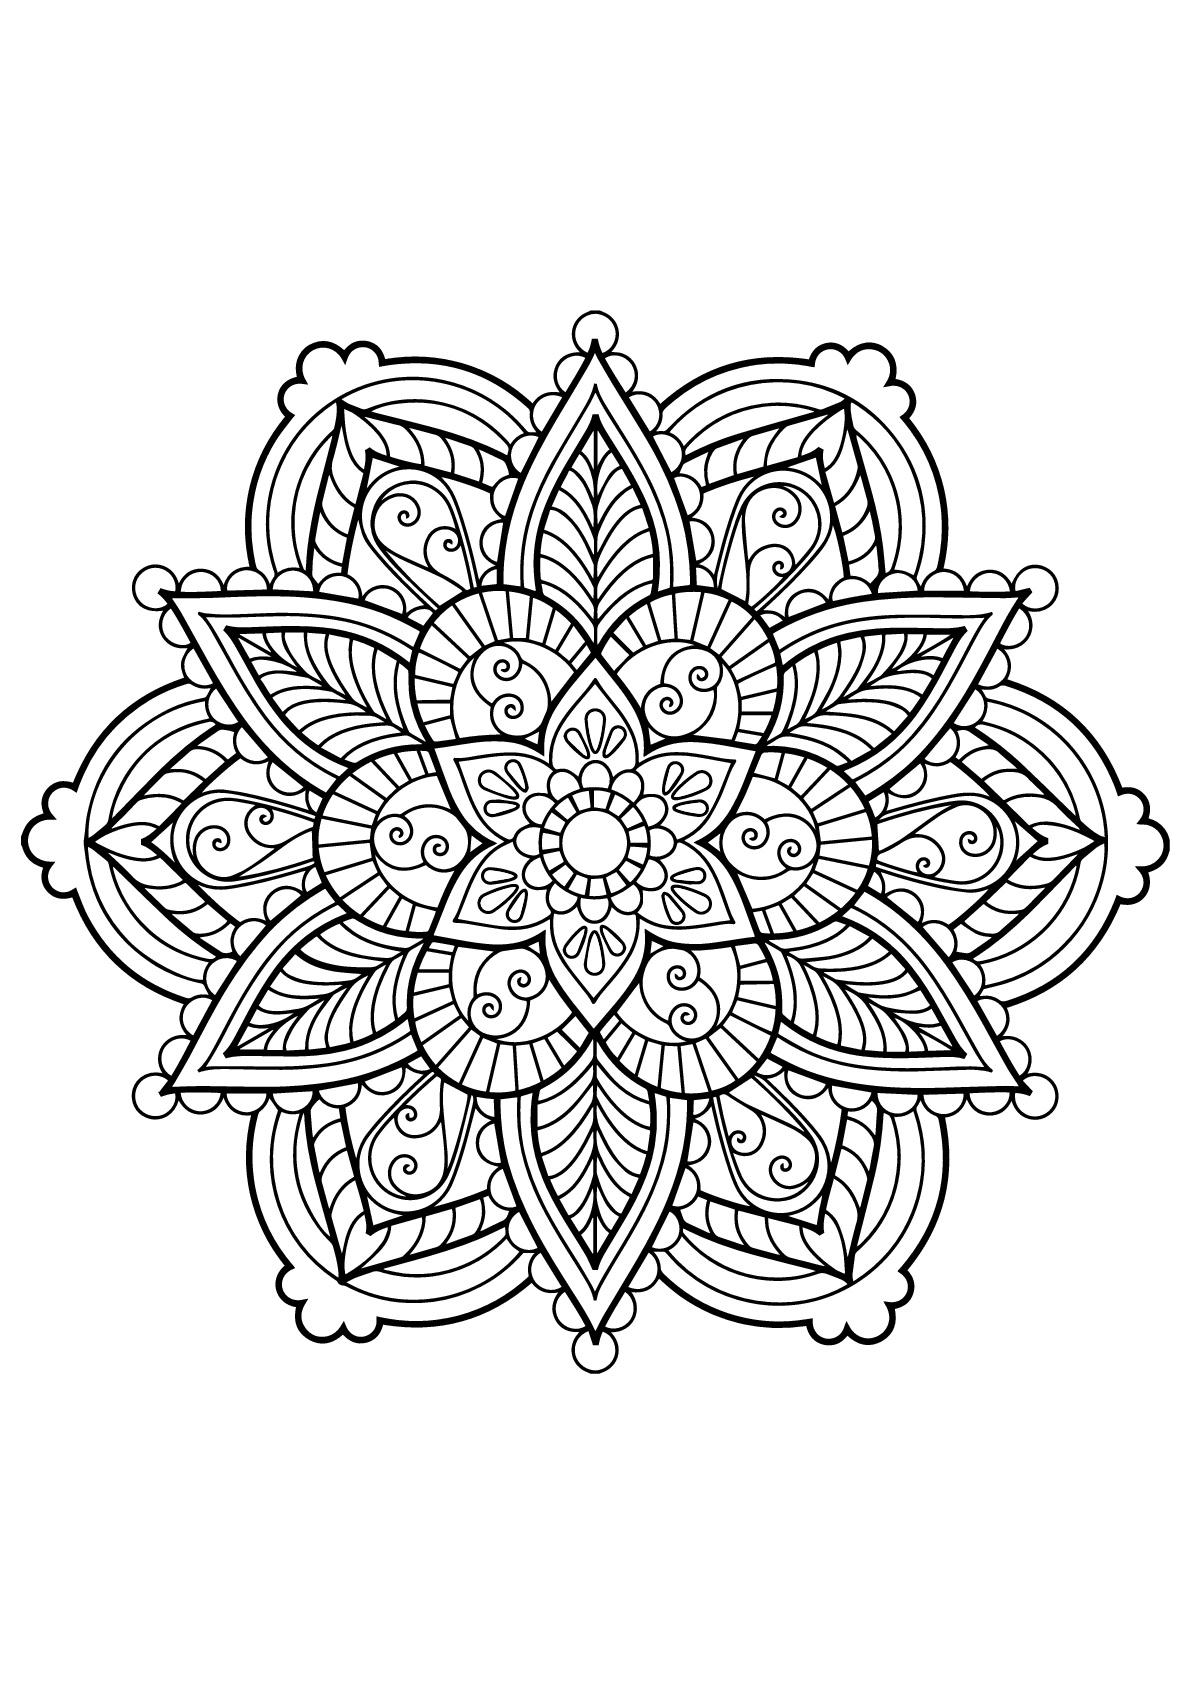 Mandala Livre Gratuit 28 - Mandalas - Coloriages avec Livre De Coloriage Adulte